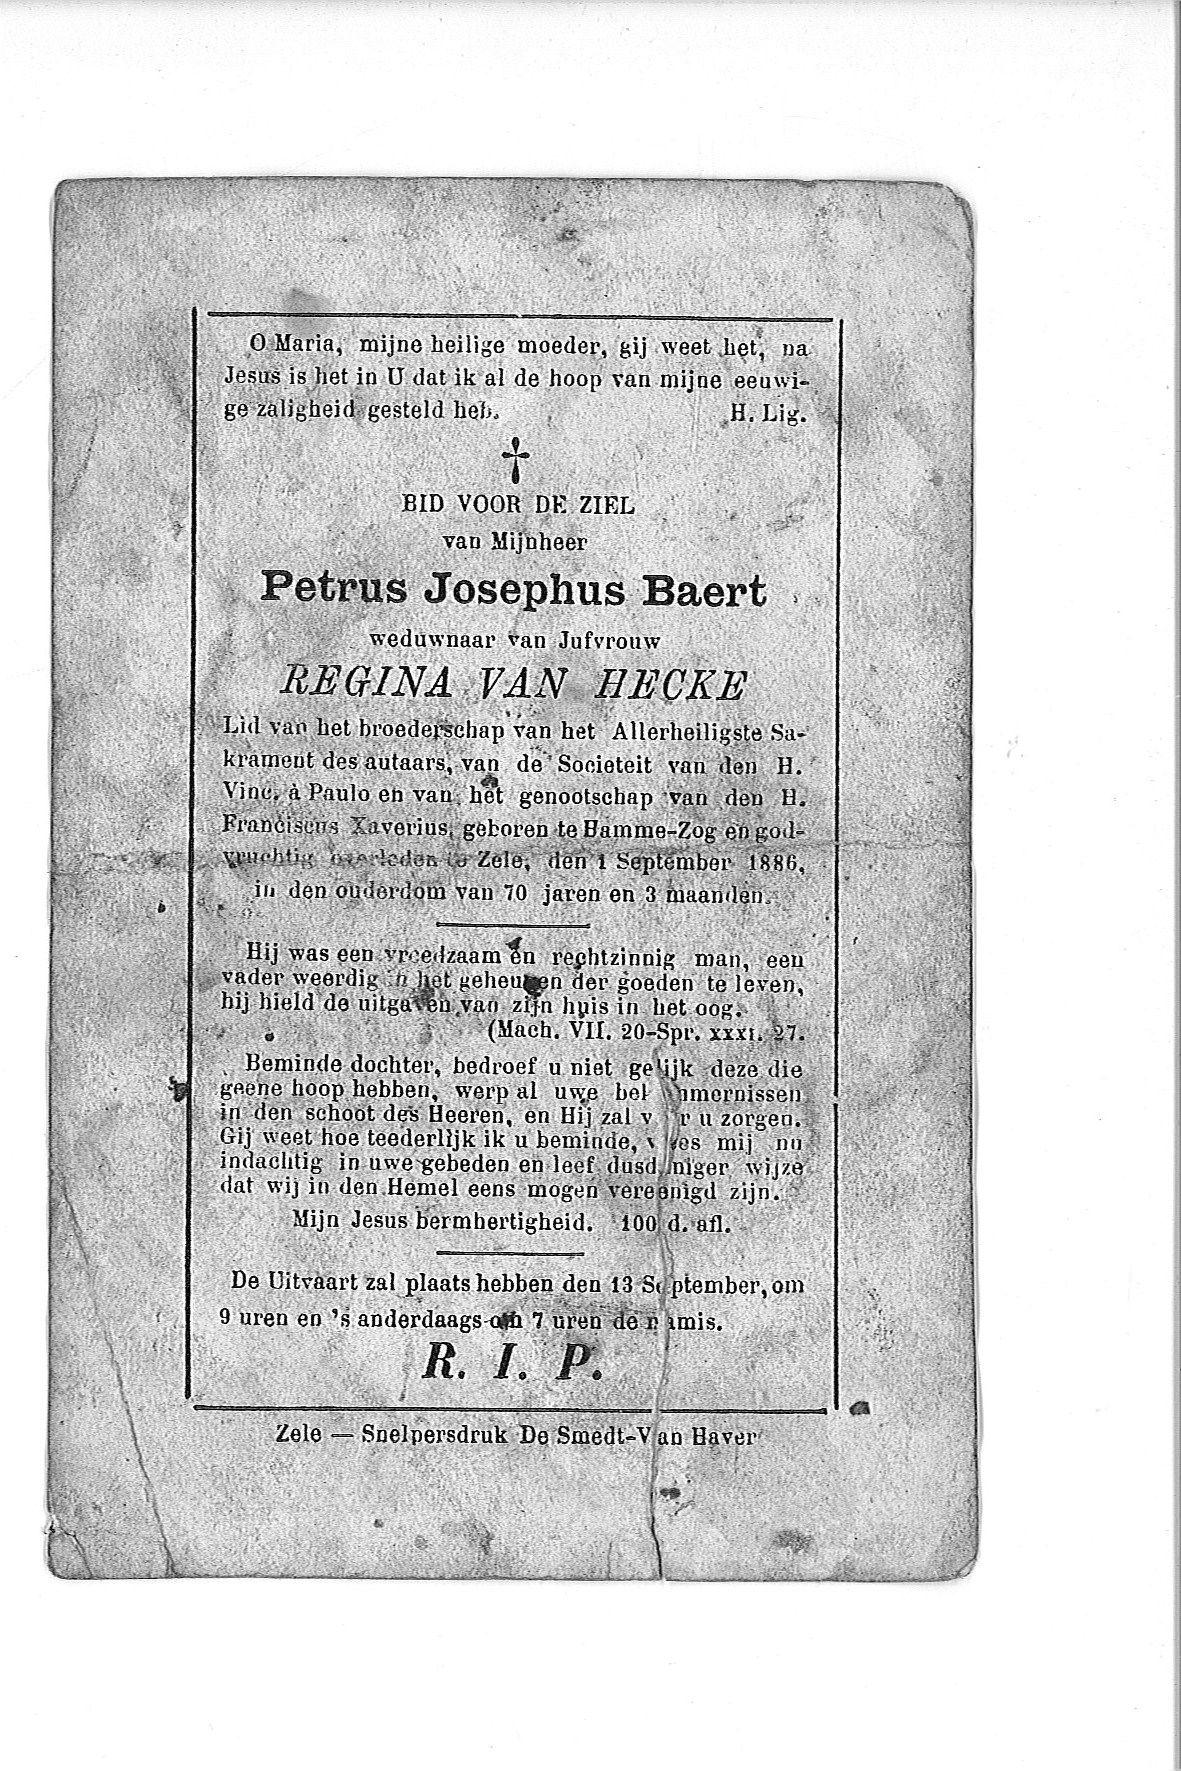 petrus-josephus(1886)-20090112152832_00029.jpg